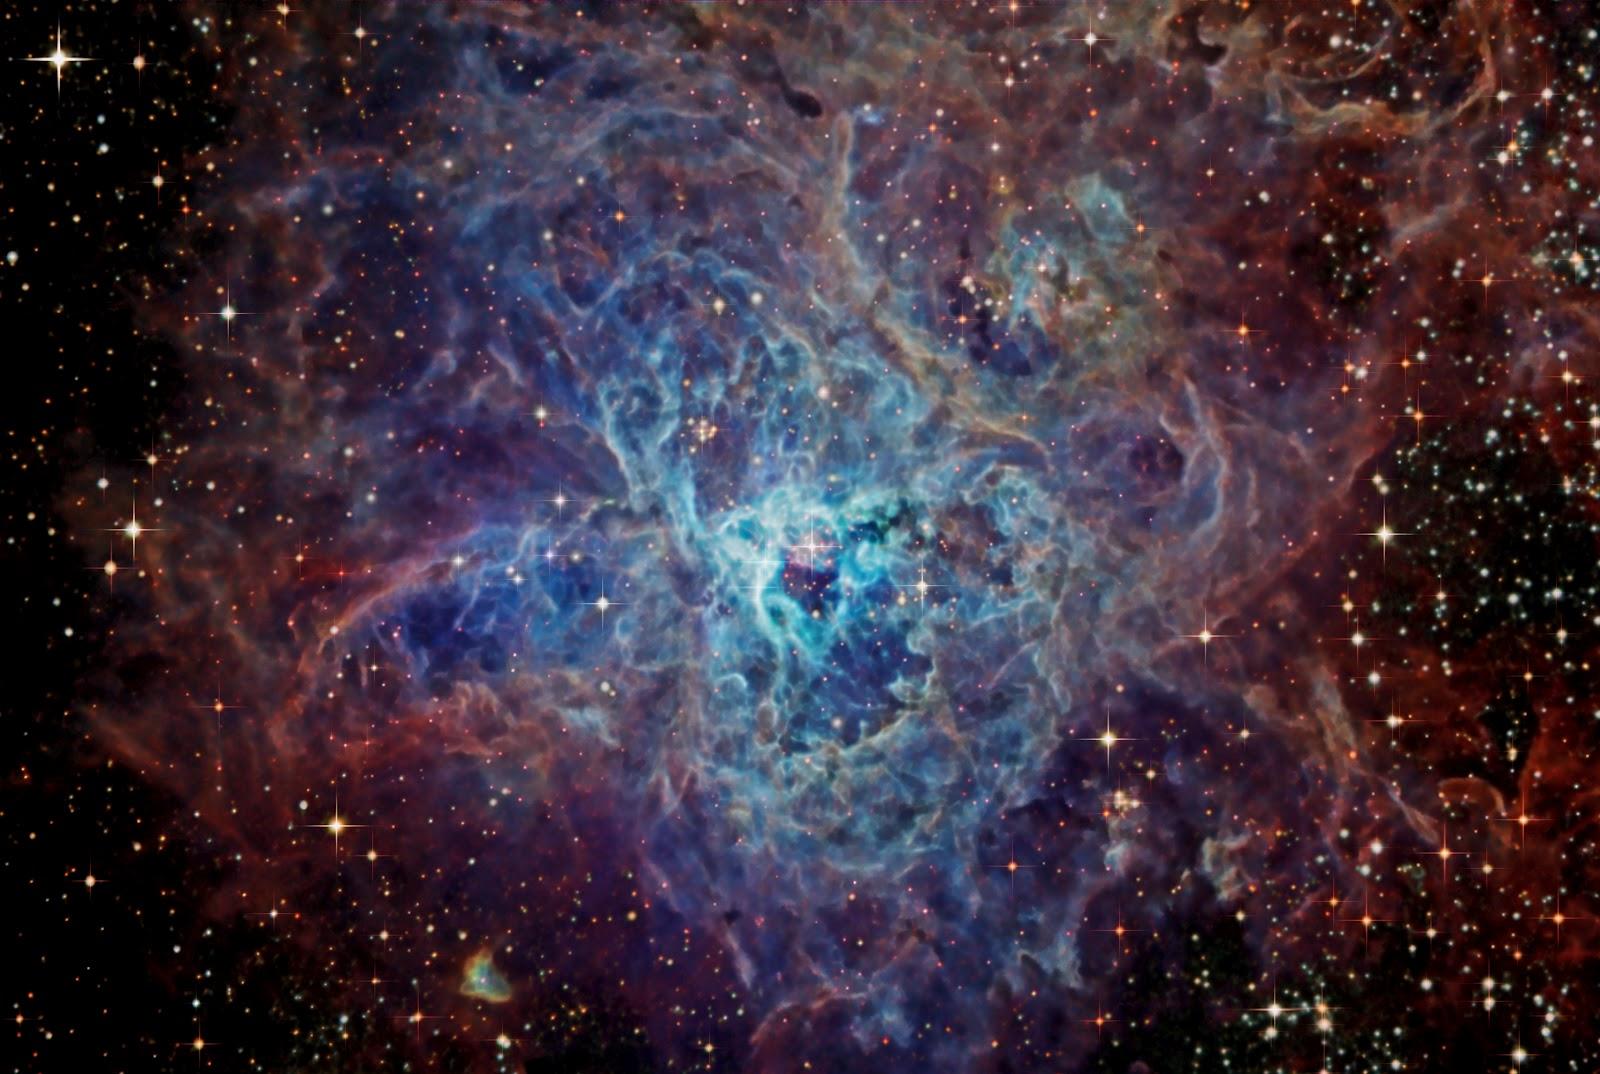 http://3.bp.blogspot.com/-SnPnqhk5q-w/T-aLqbH6GBI/AAAAAAAAHI4/Gxi20LYiXLY/s1600/tarantula_brimacombe+nebula+wallpapers+5+stars+phistars.jpg